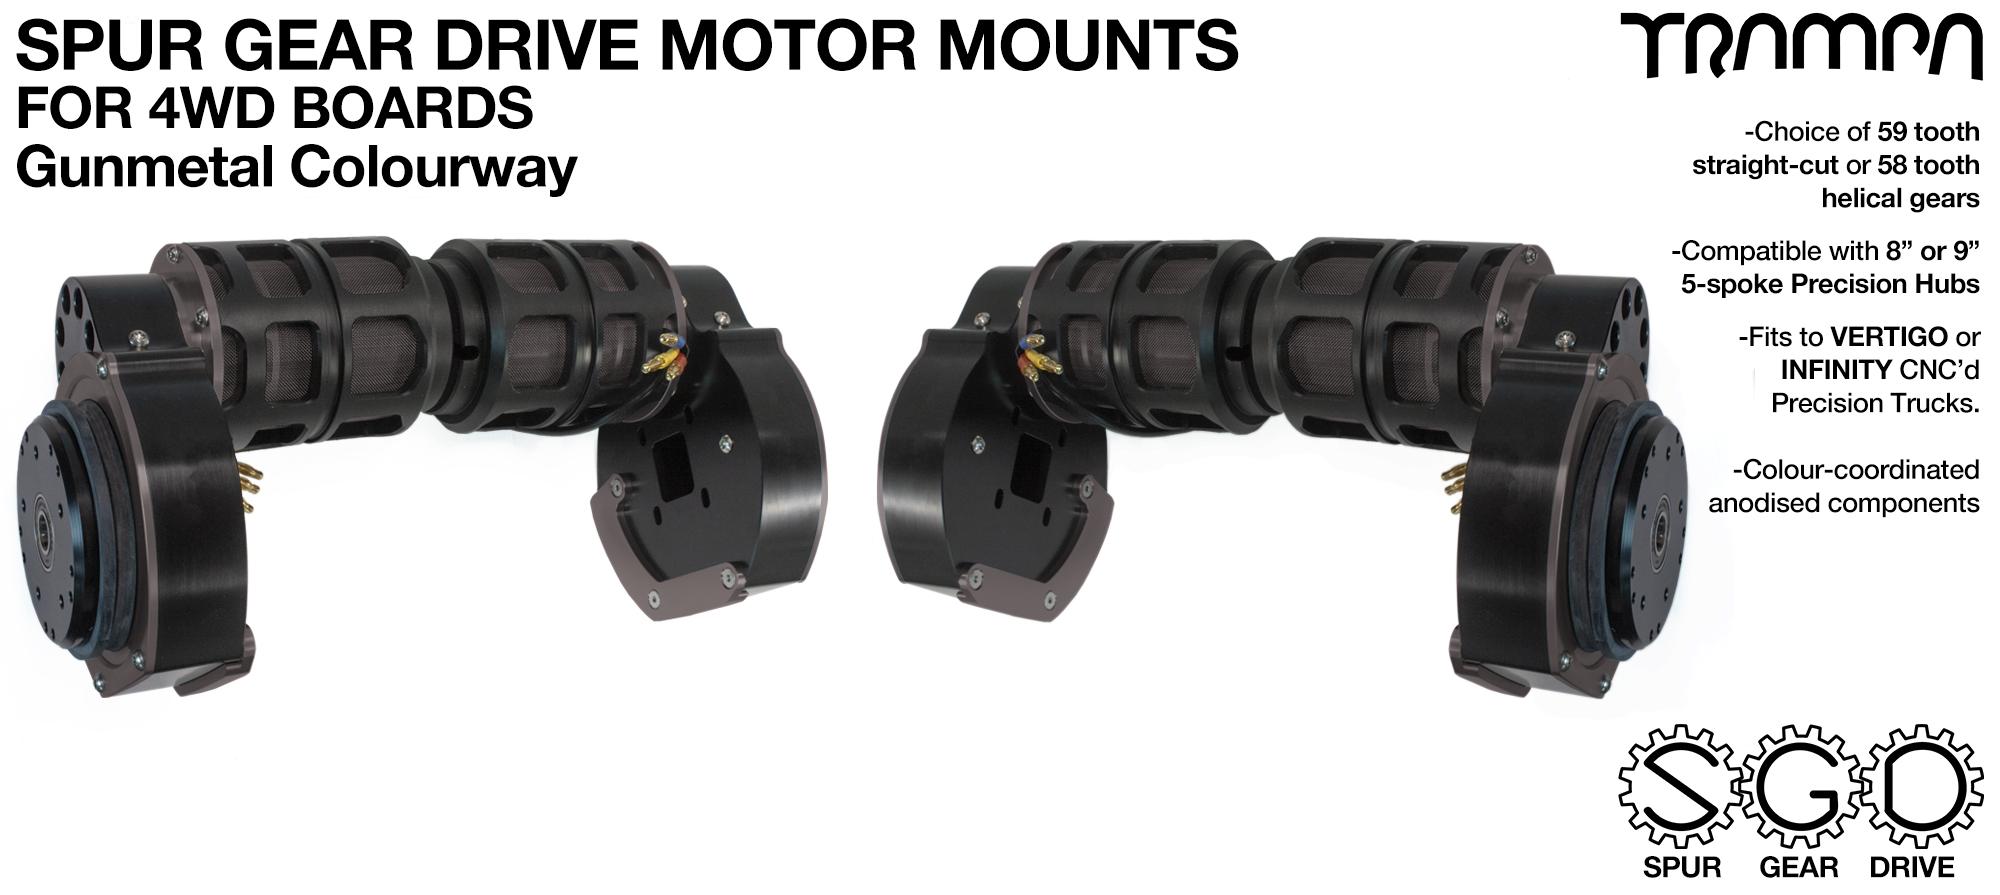 GUNMETAL 4WD Spur Gear Drive Motor Mount